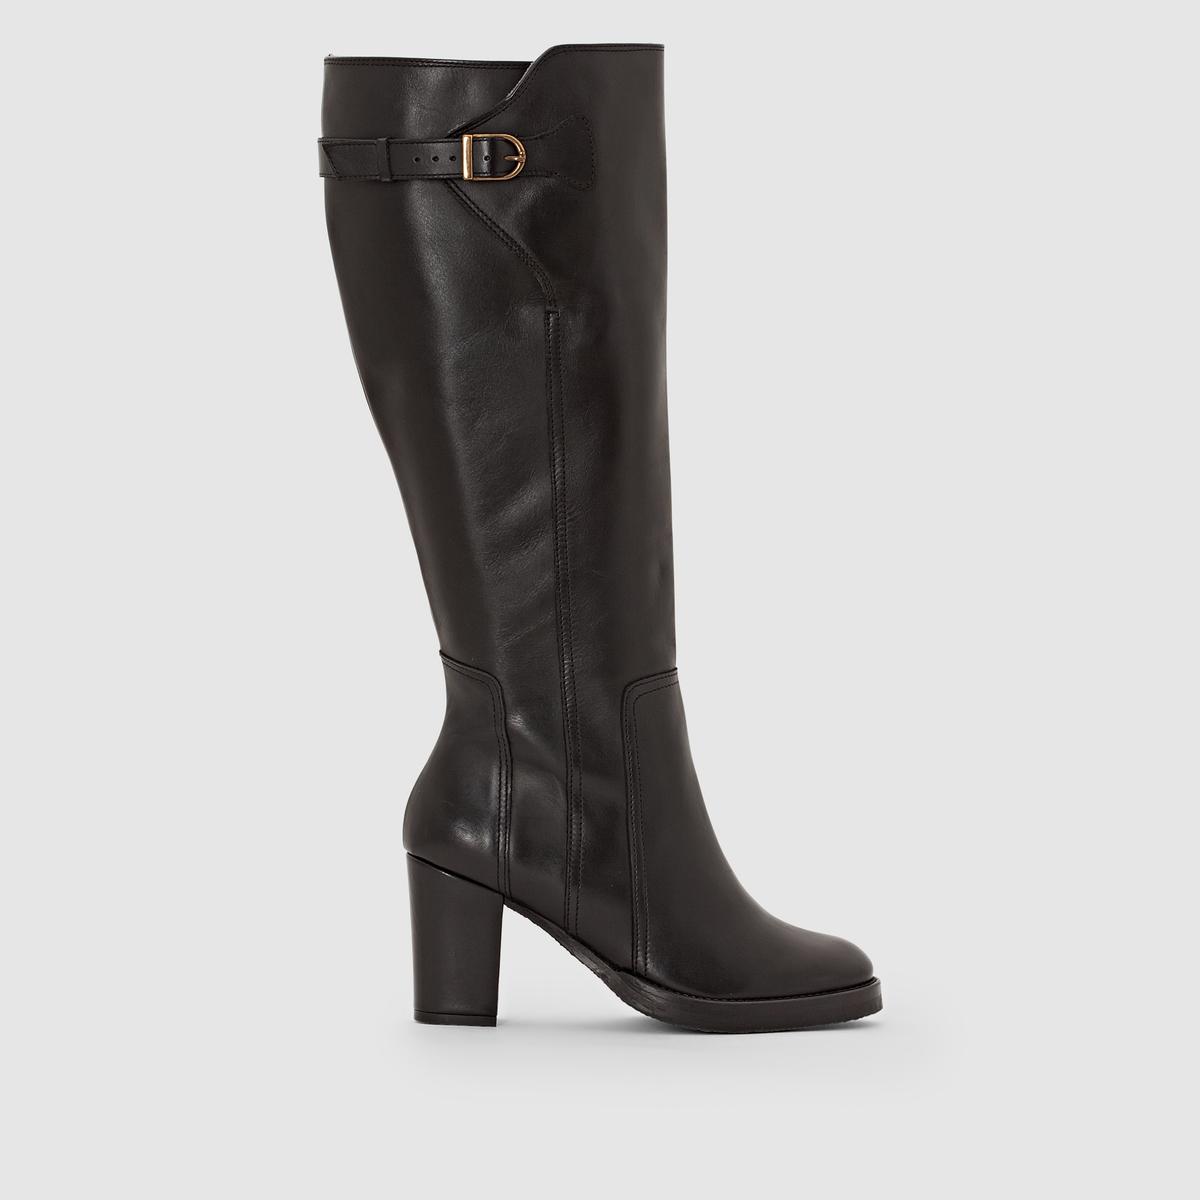 Сапоги кожаные с креповой подошвой на широкую ногу, размеры 38-45